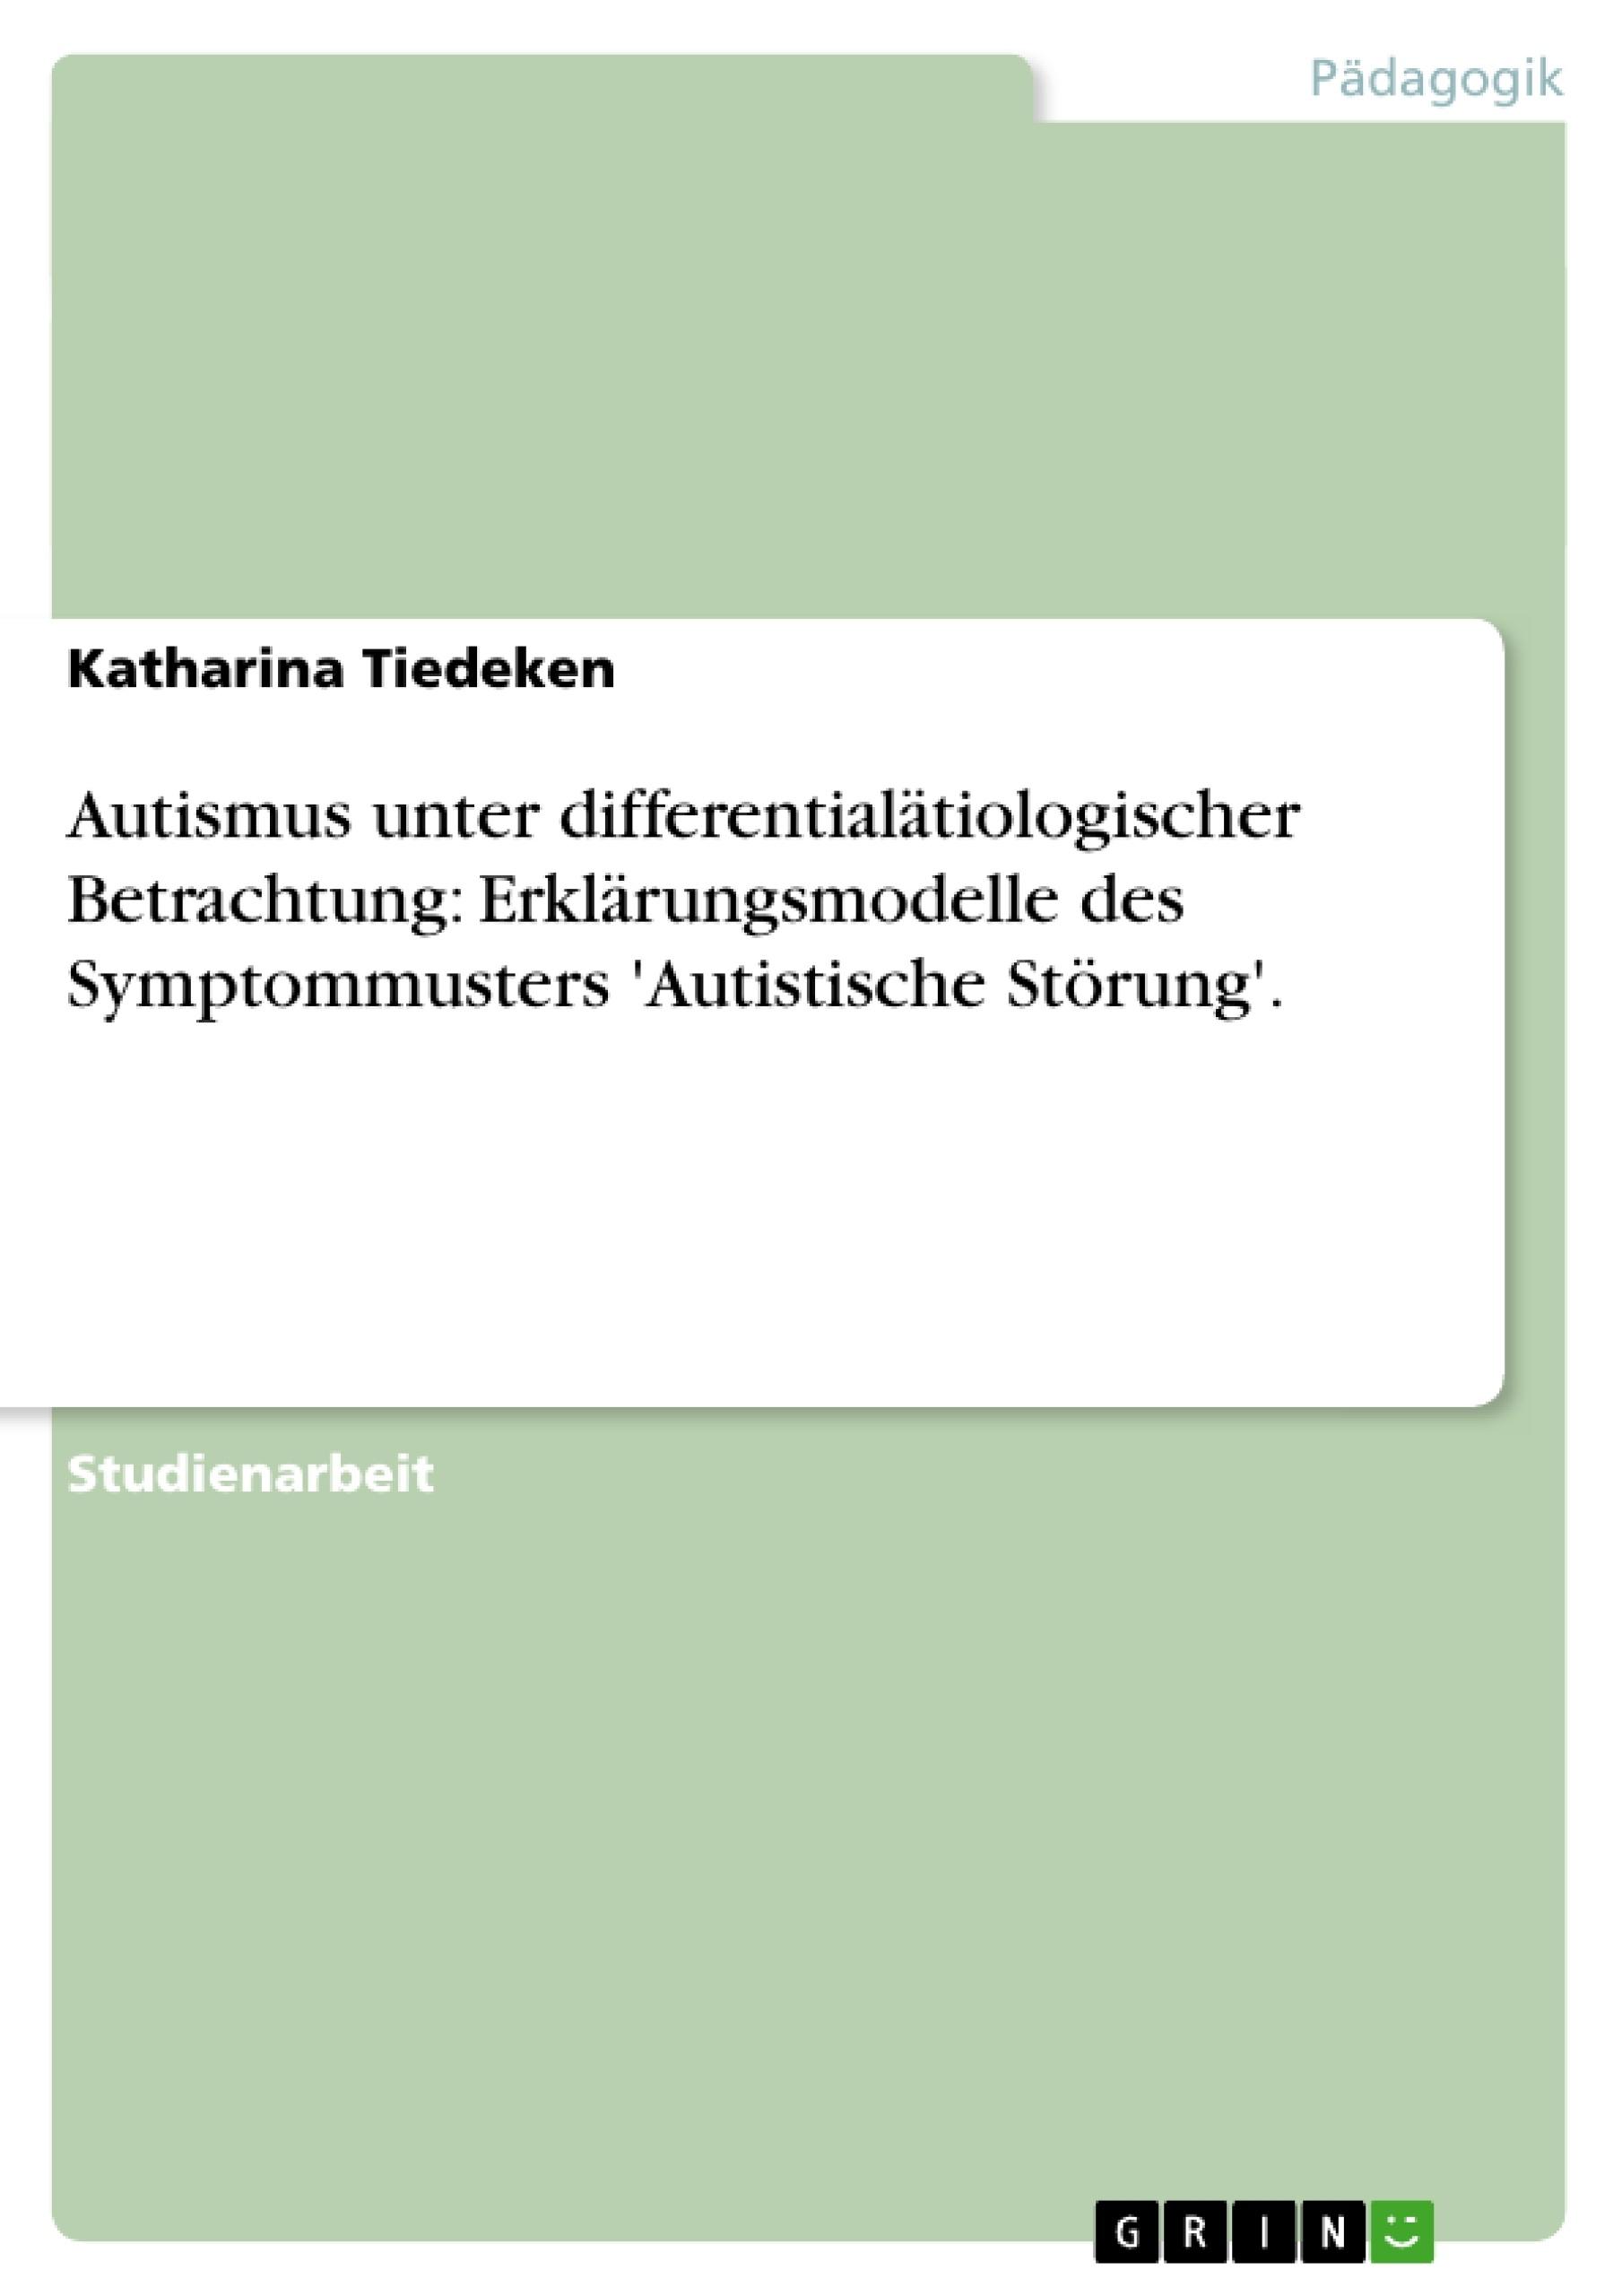 Titel: Autismus unter differentialätiologischer Betrachtung: Erklärungsmodelle des Symptommusters 'Autistische Störung'.